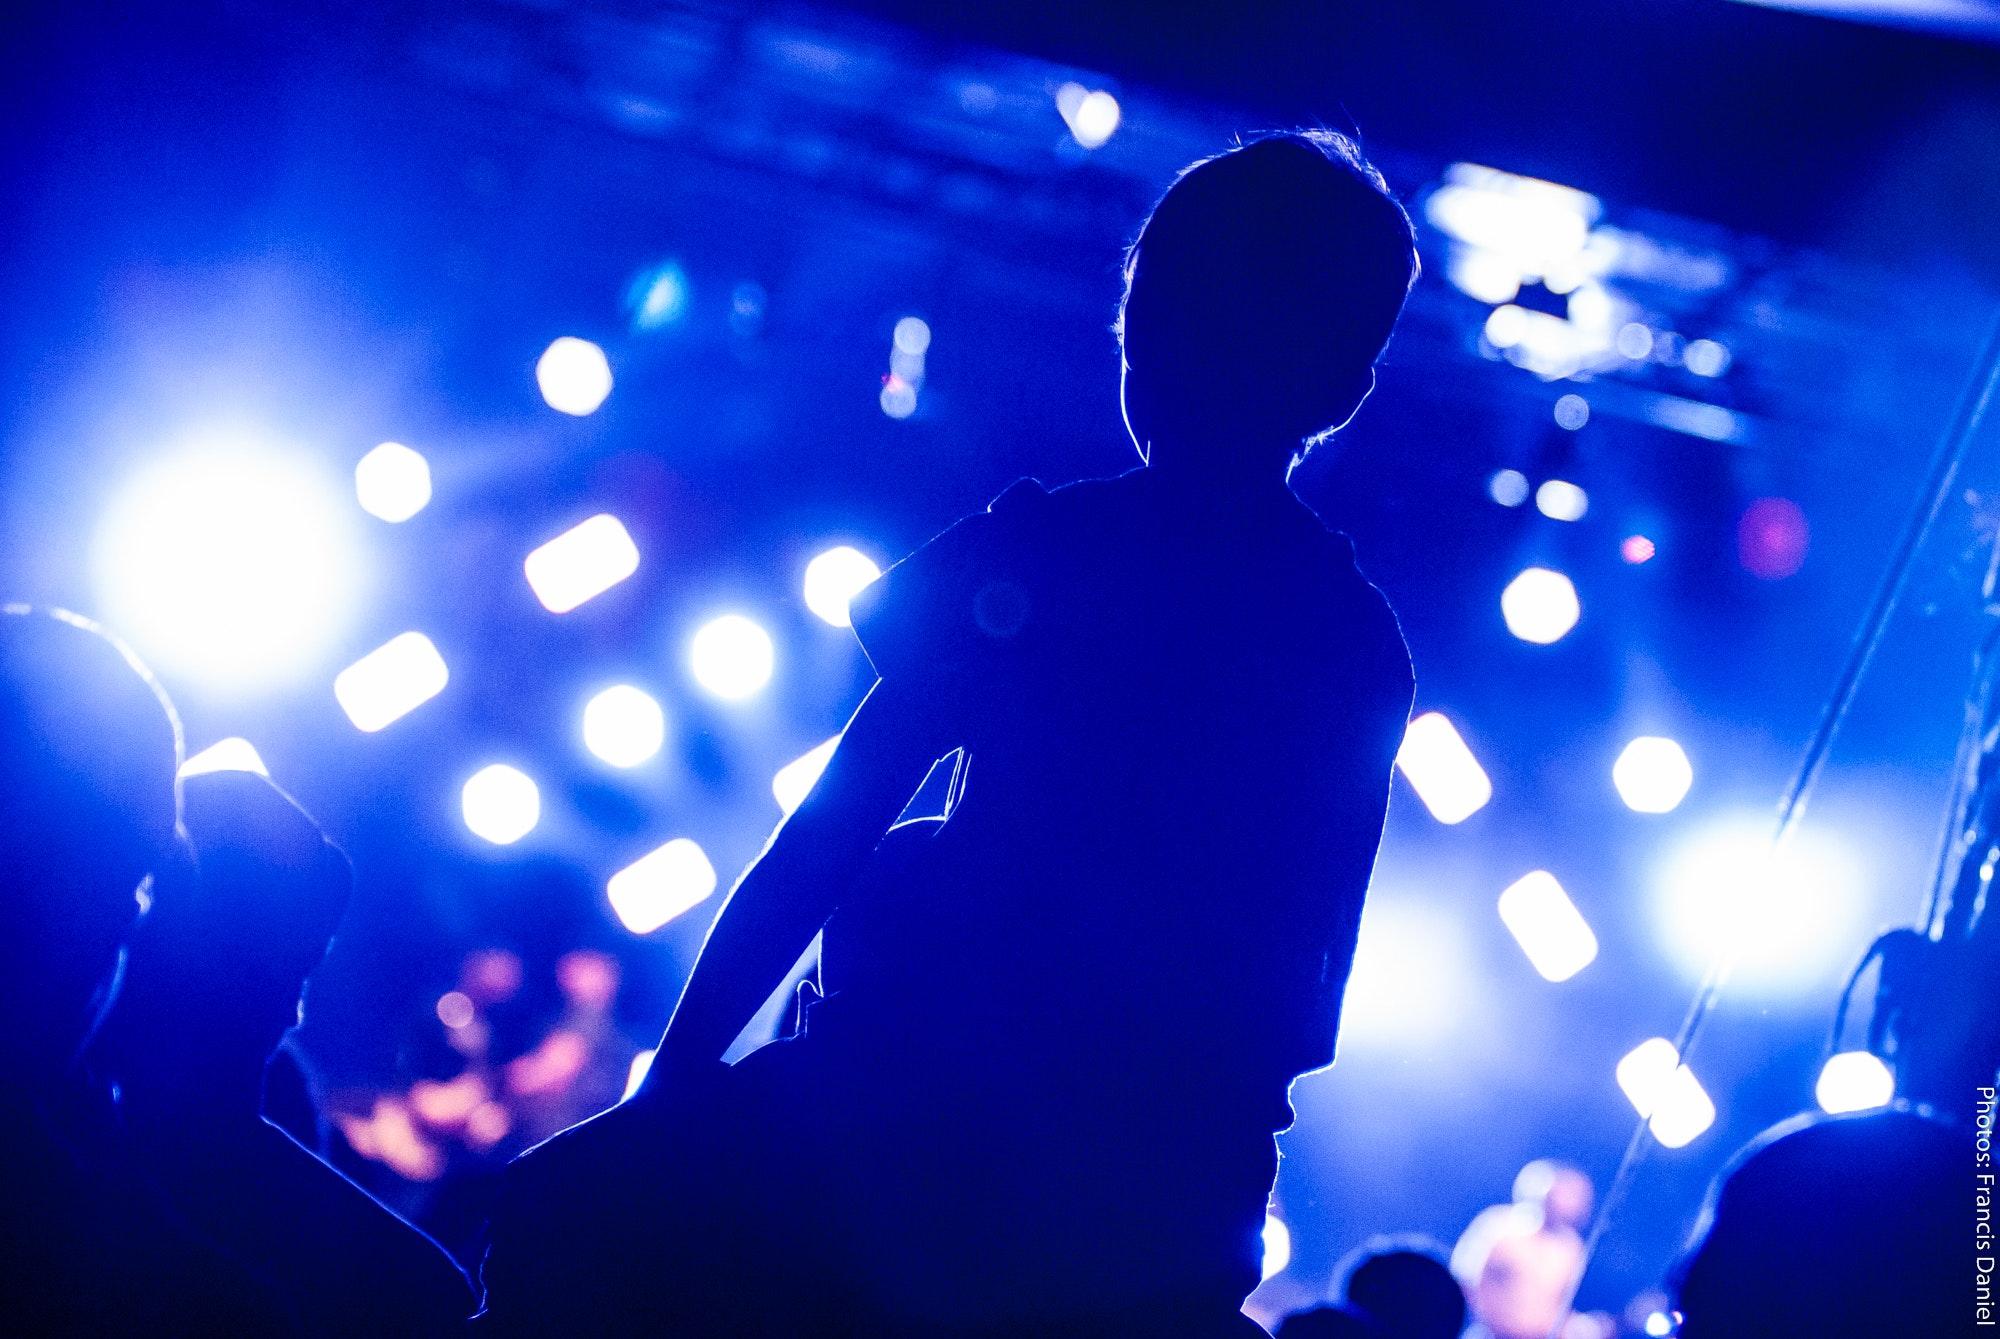 boy on shoulders watching concert in spotlight